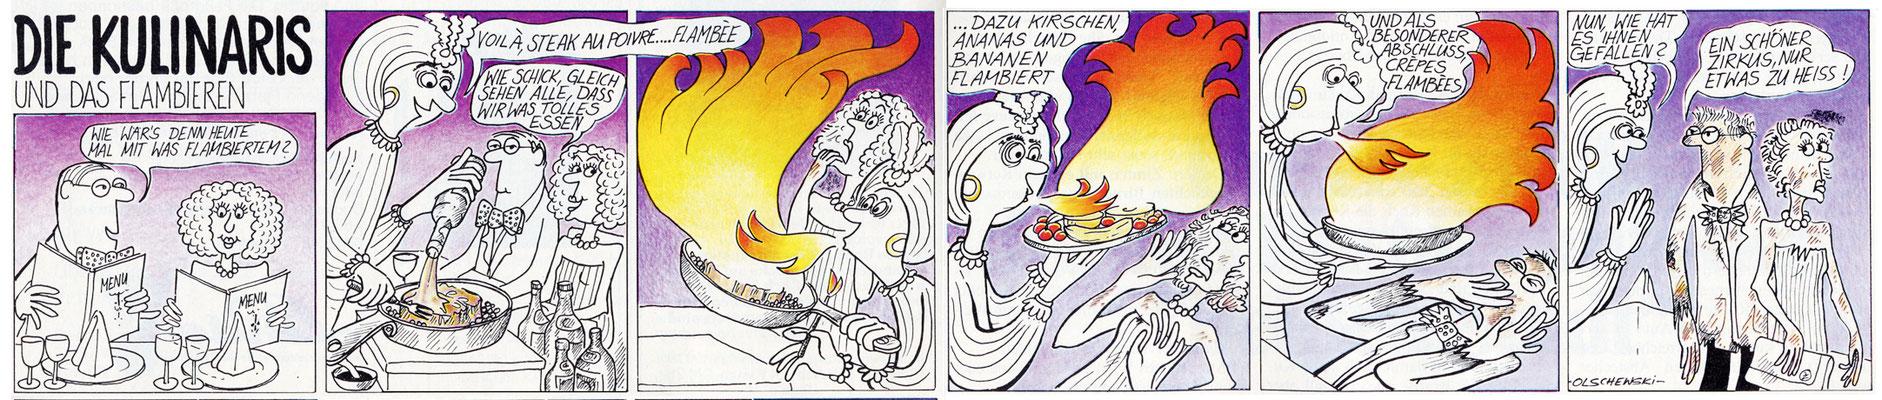 Die Kulinaris und das Flambieren